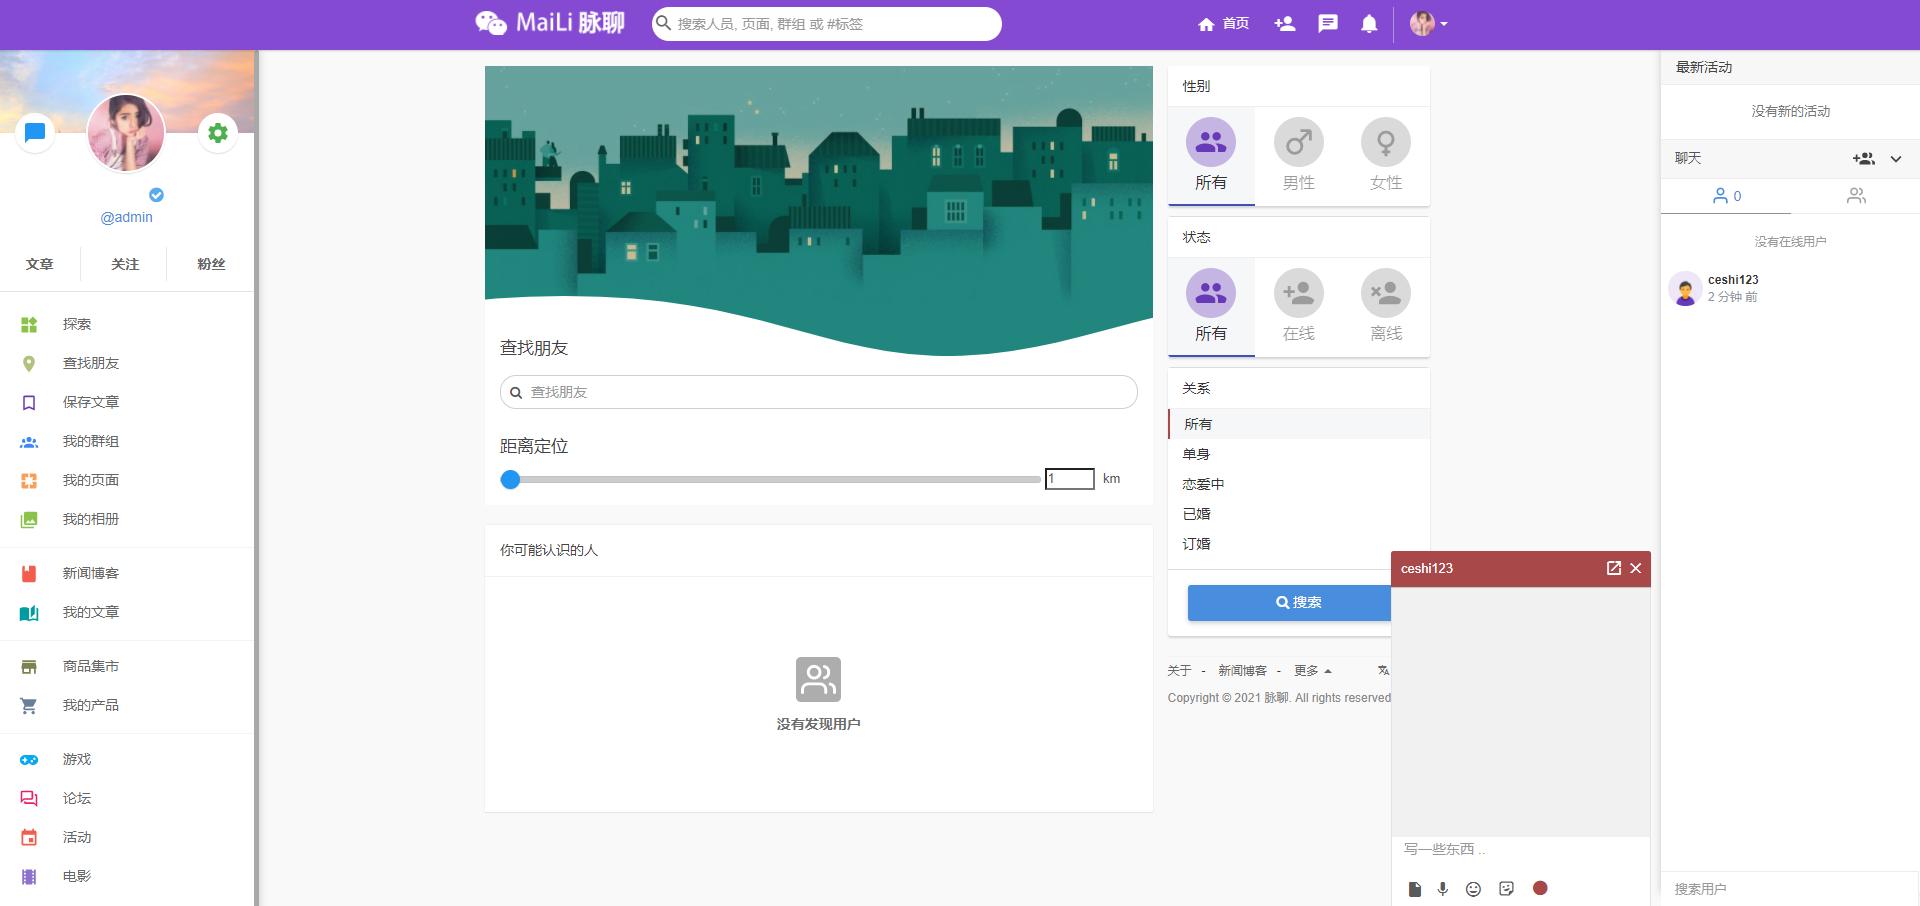 亲测 教程视频丨PHP脉聊社区交友系统开源傻瓜式搭建网站+APP封包源码下载